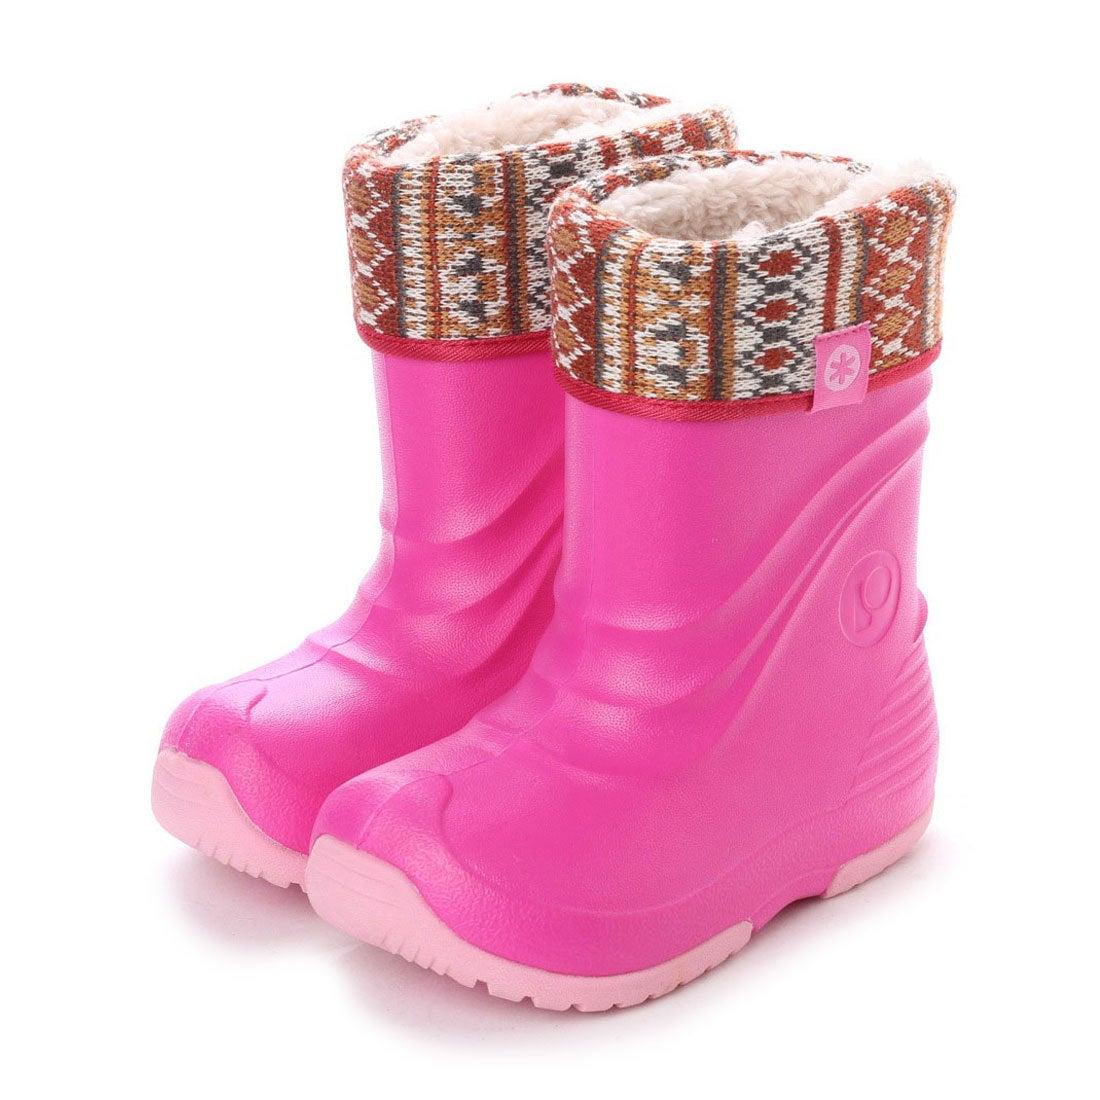 ロコンド 靴とファッションの通販サイトプーキーズ POOKIES ジュニア ラバーブーツ プーキーズ ジュニアブーツ PK-EB510N 5451